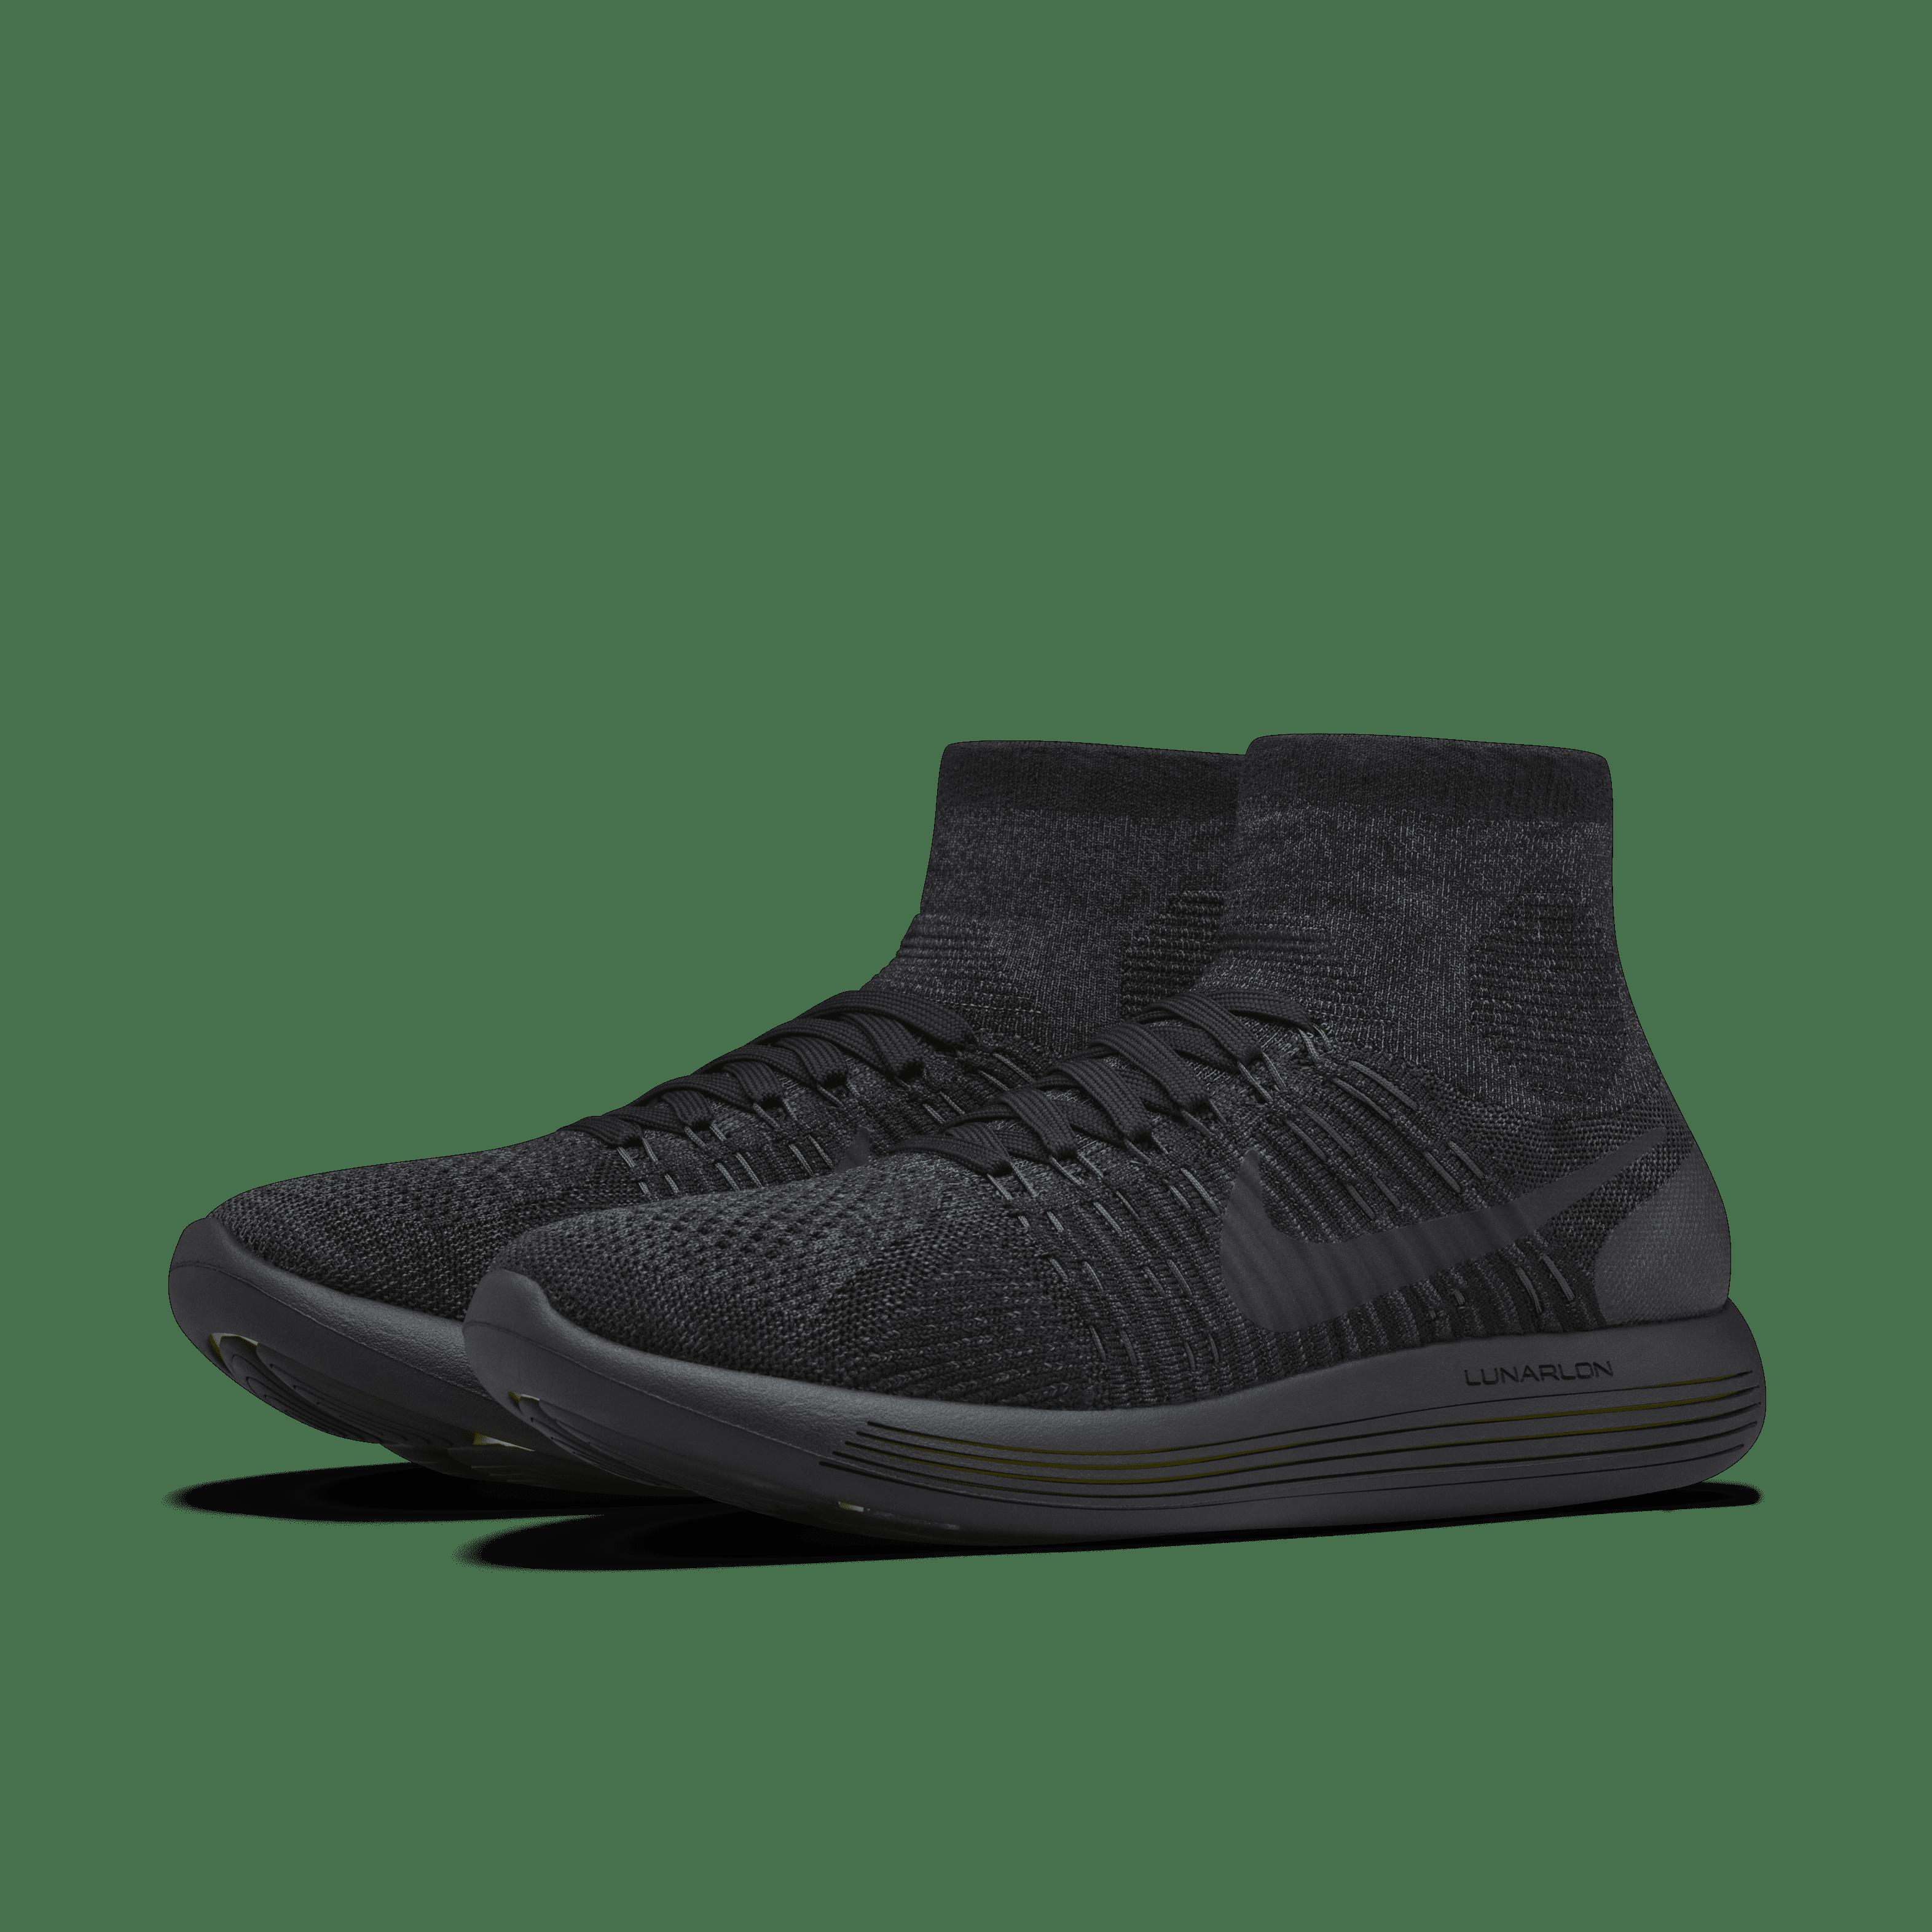 NikeLab_LunarEpic_Flyknit_4_53522.png